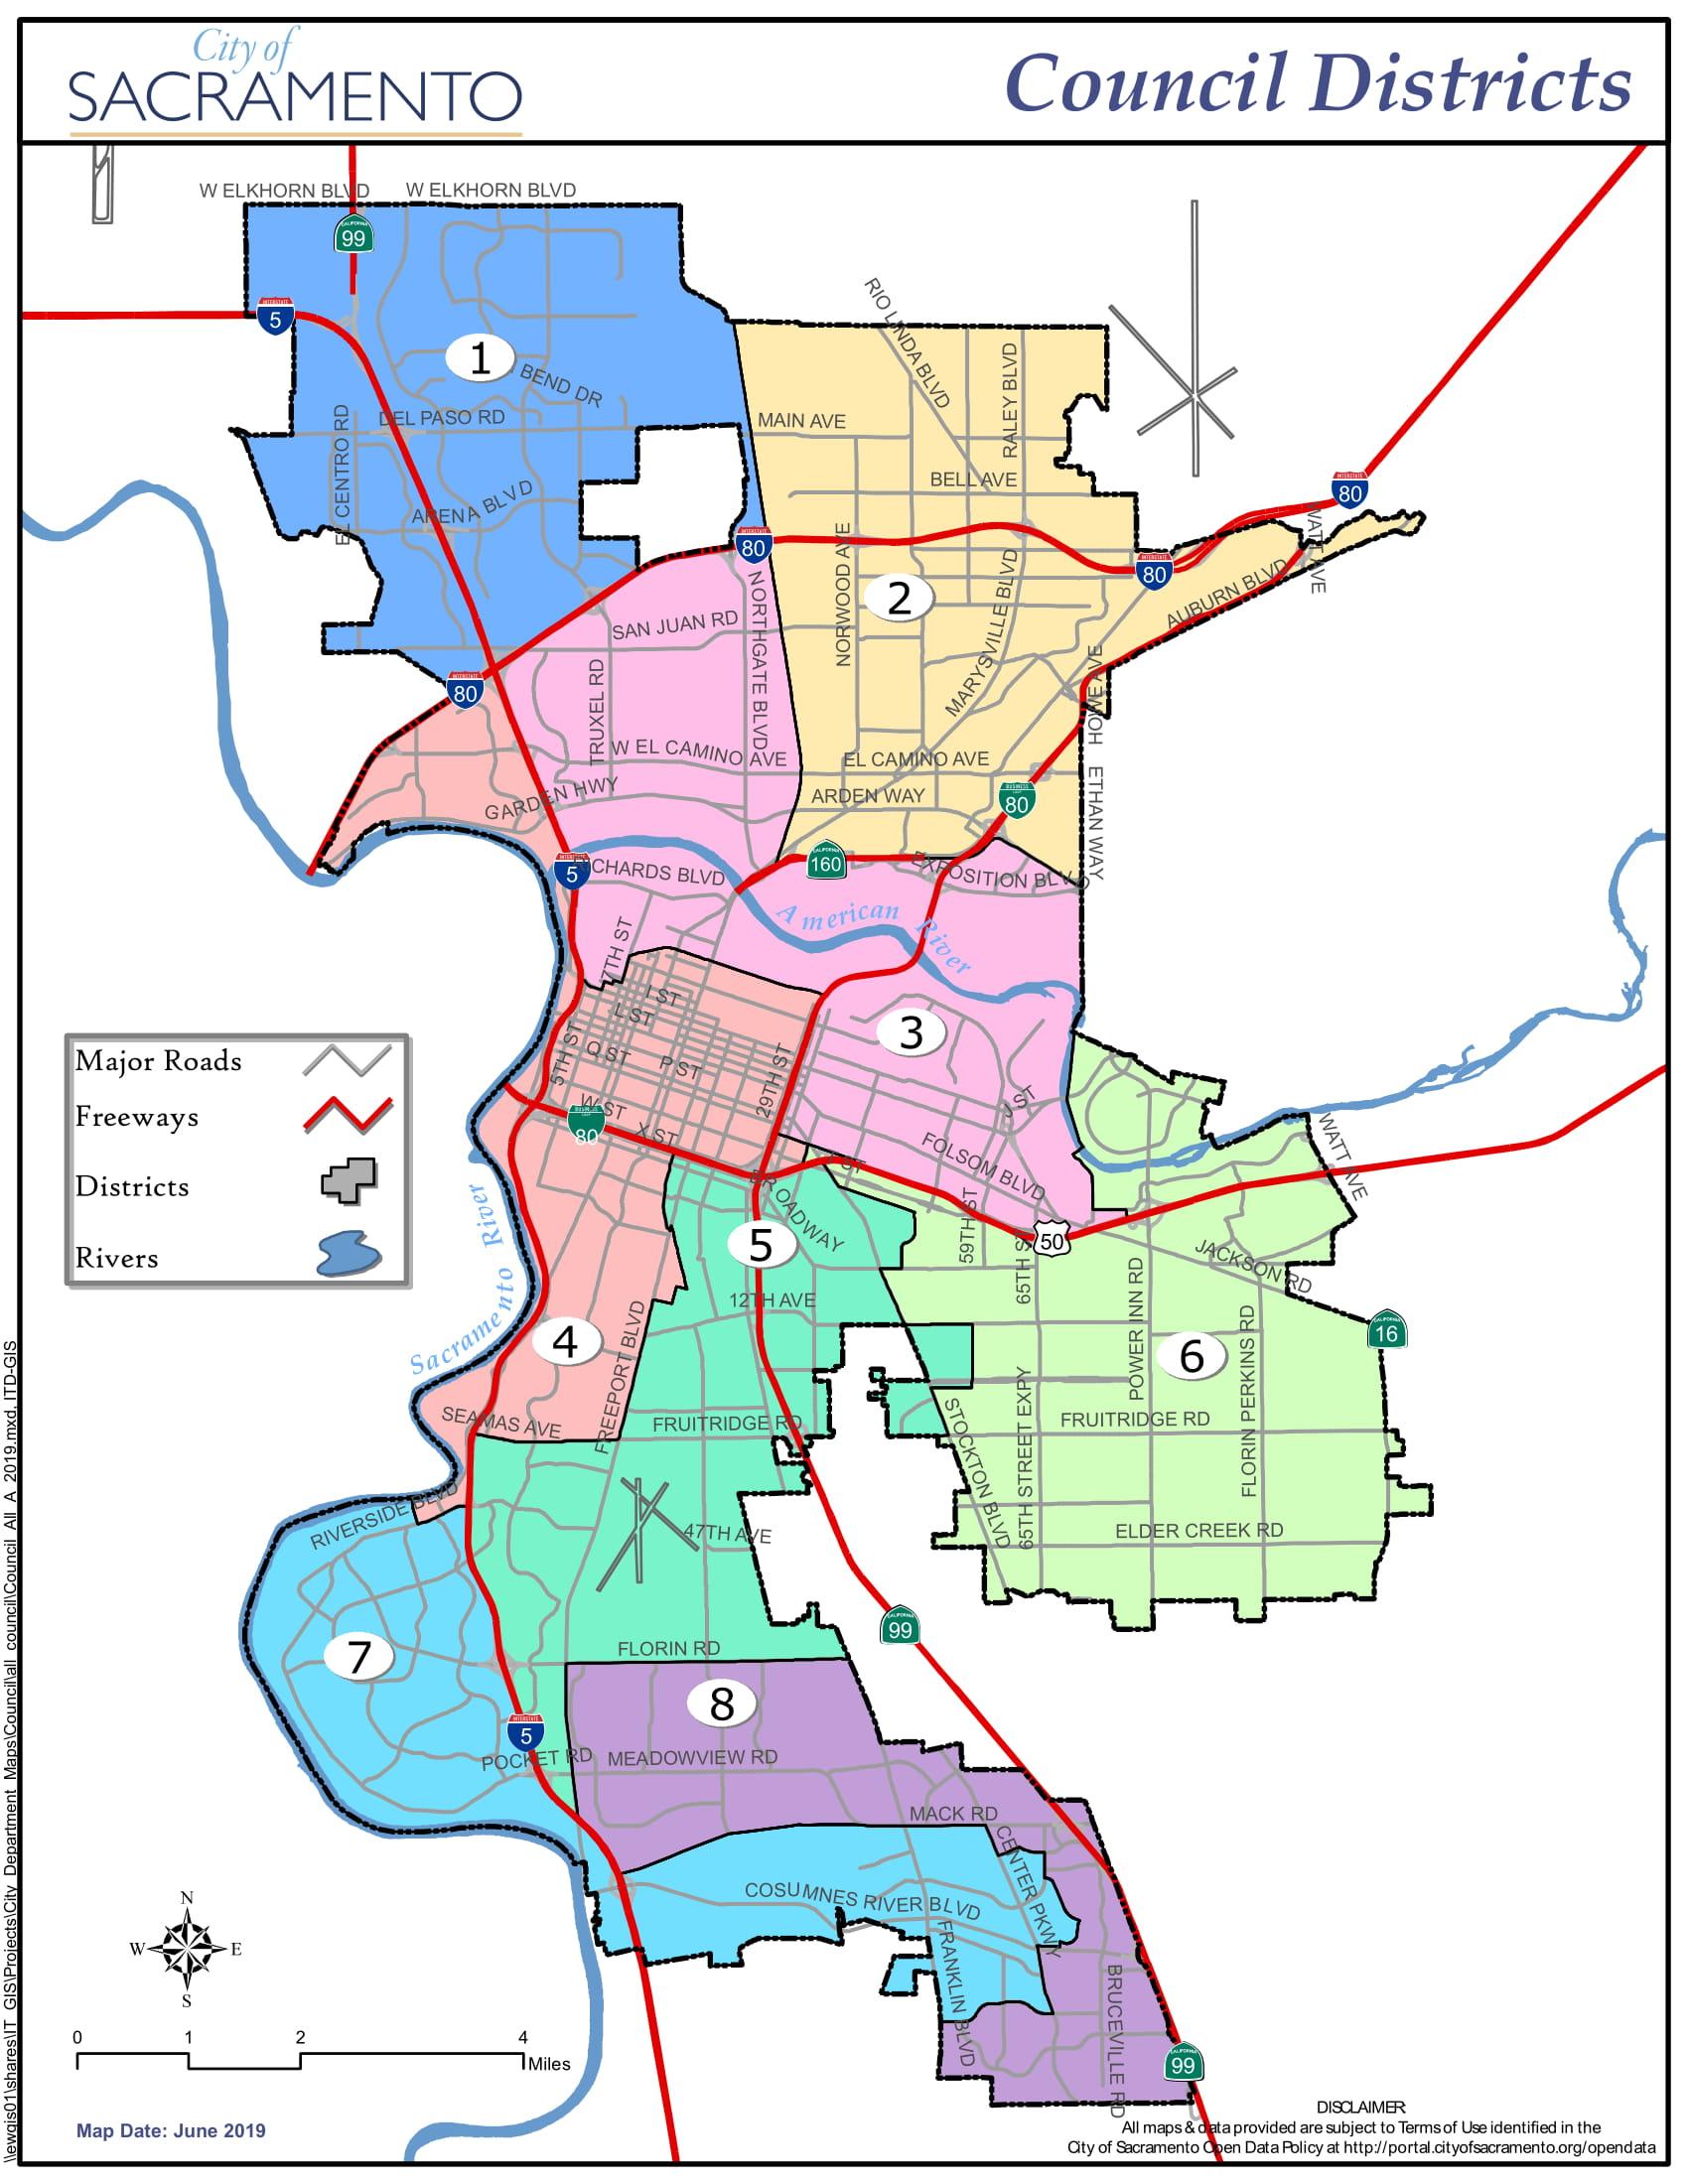 La City Tax Codes